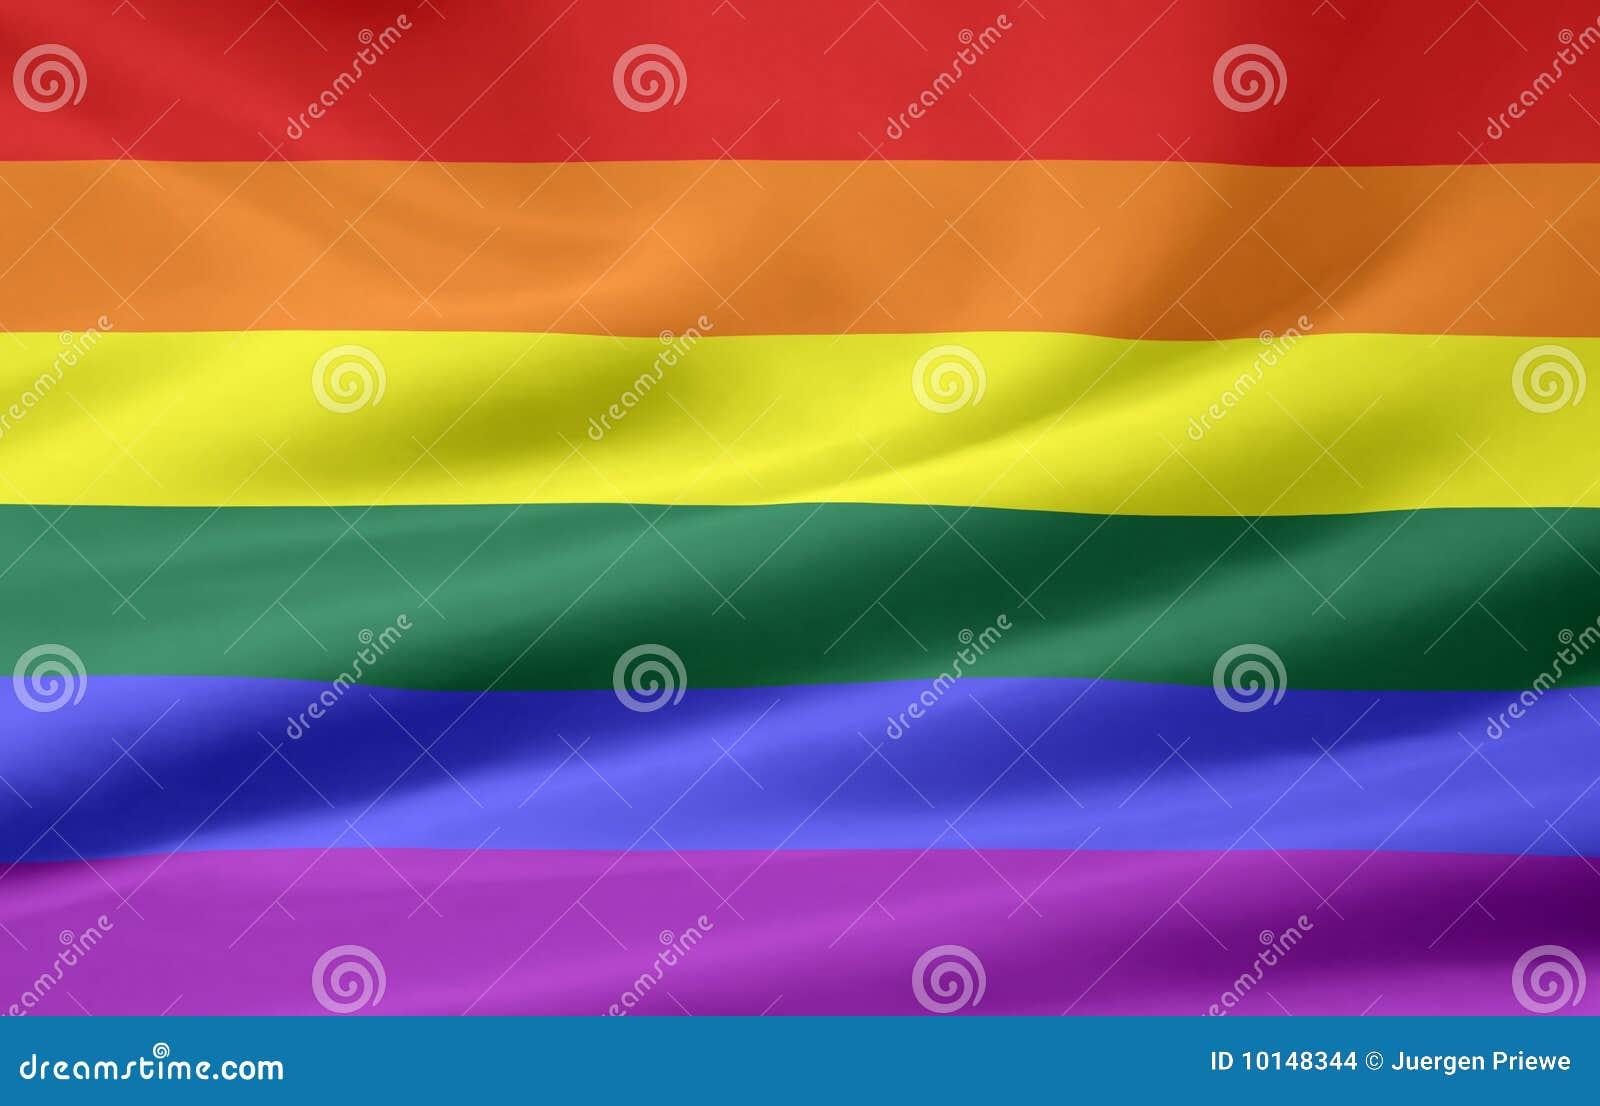 标志同性恋者自豪感